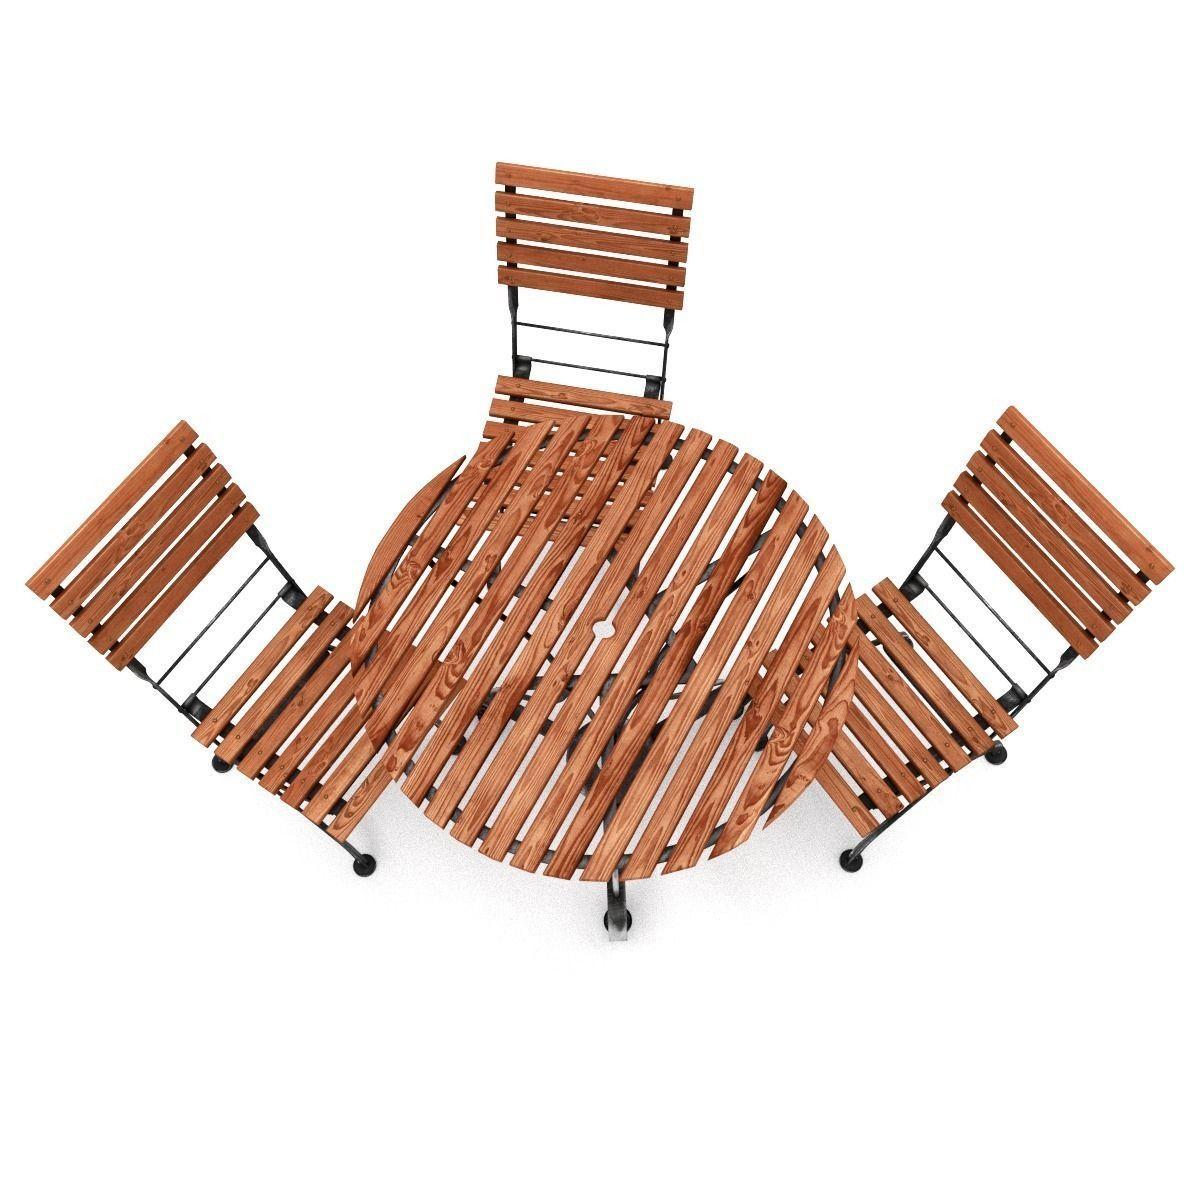 garden furniture set 3d model obj fbx blend 2 - Garden Furniture Top View